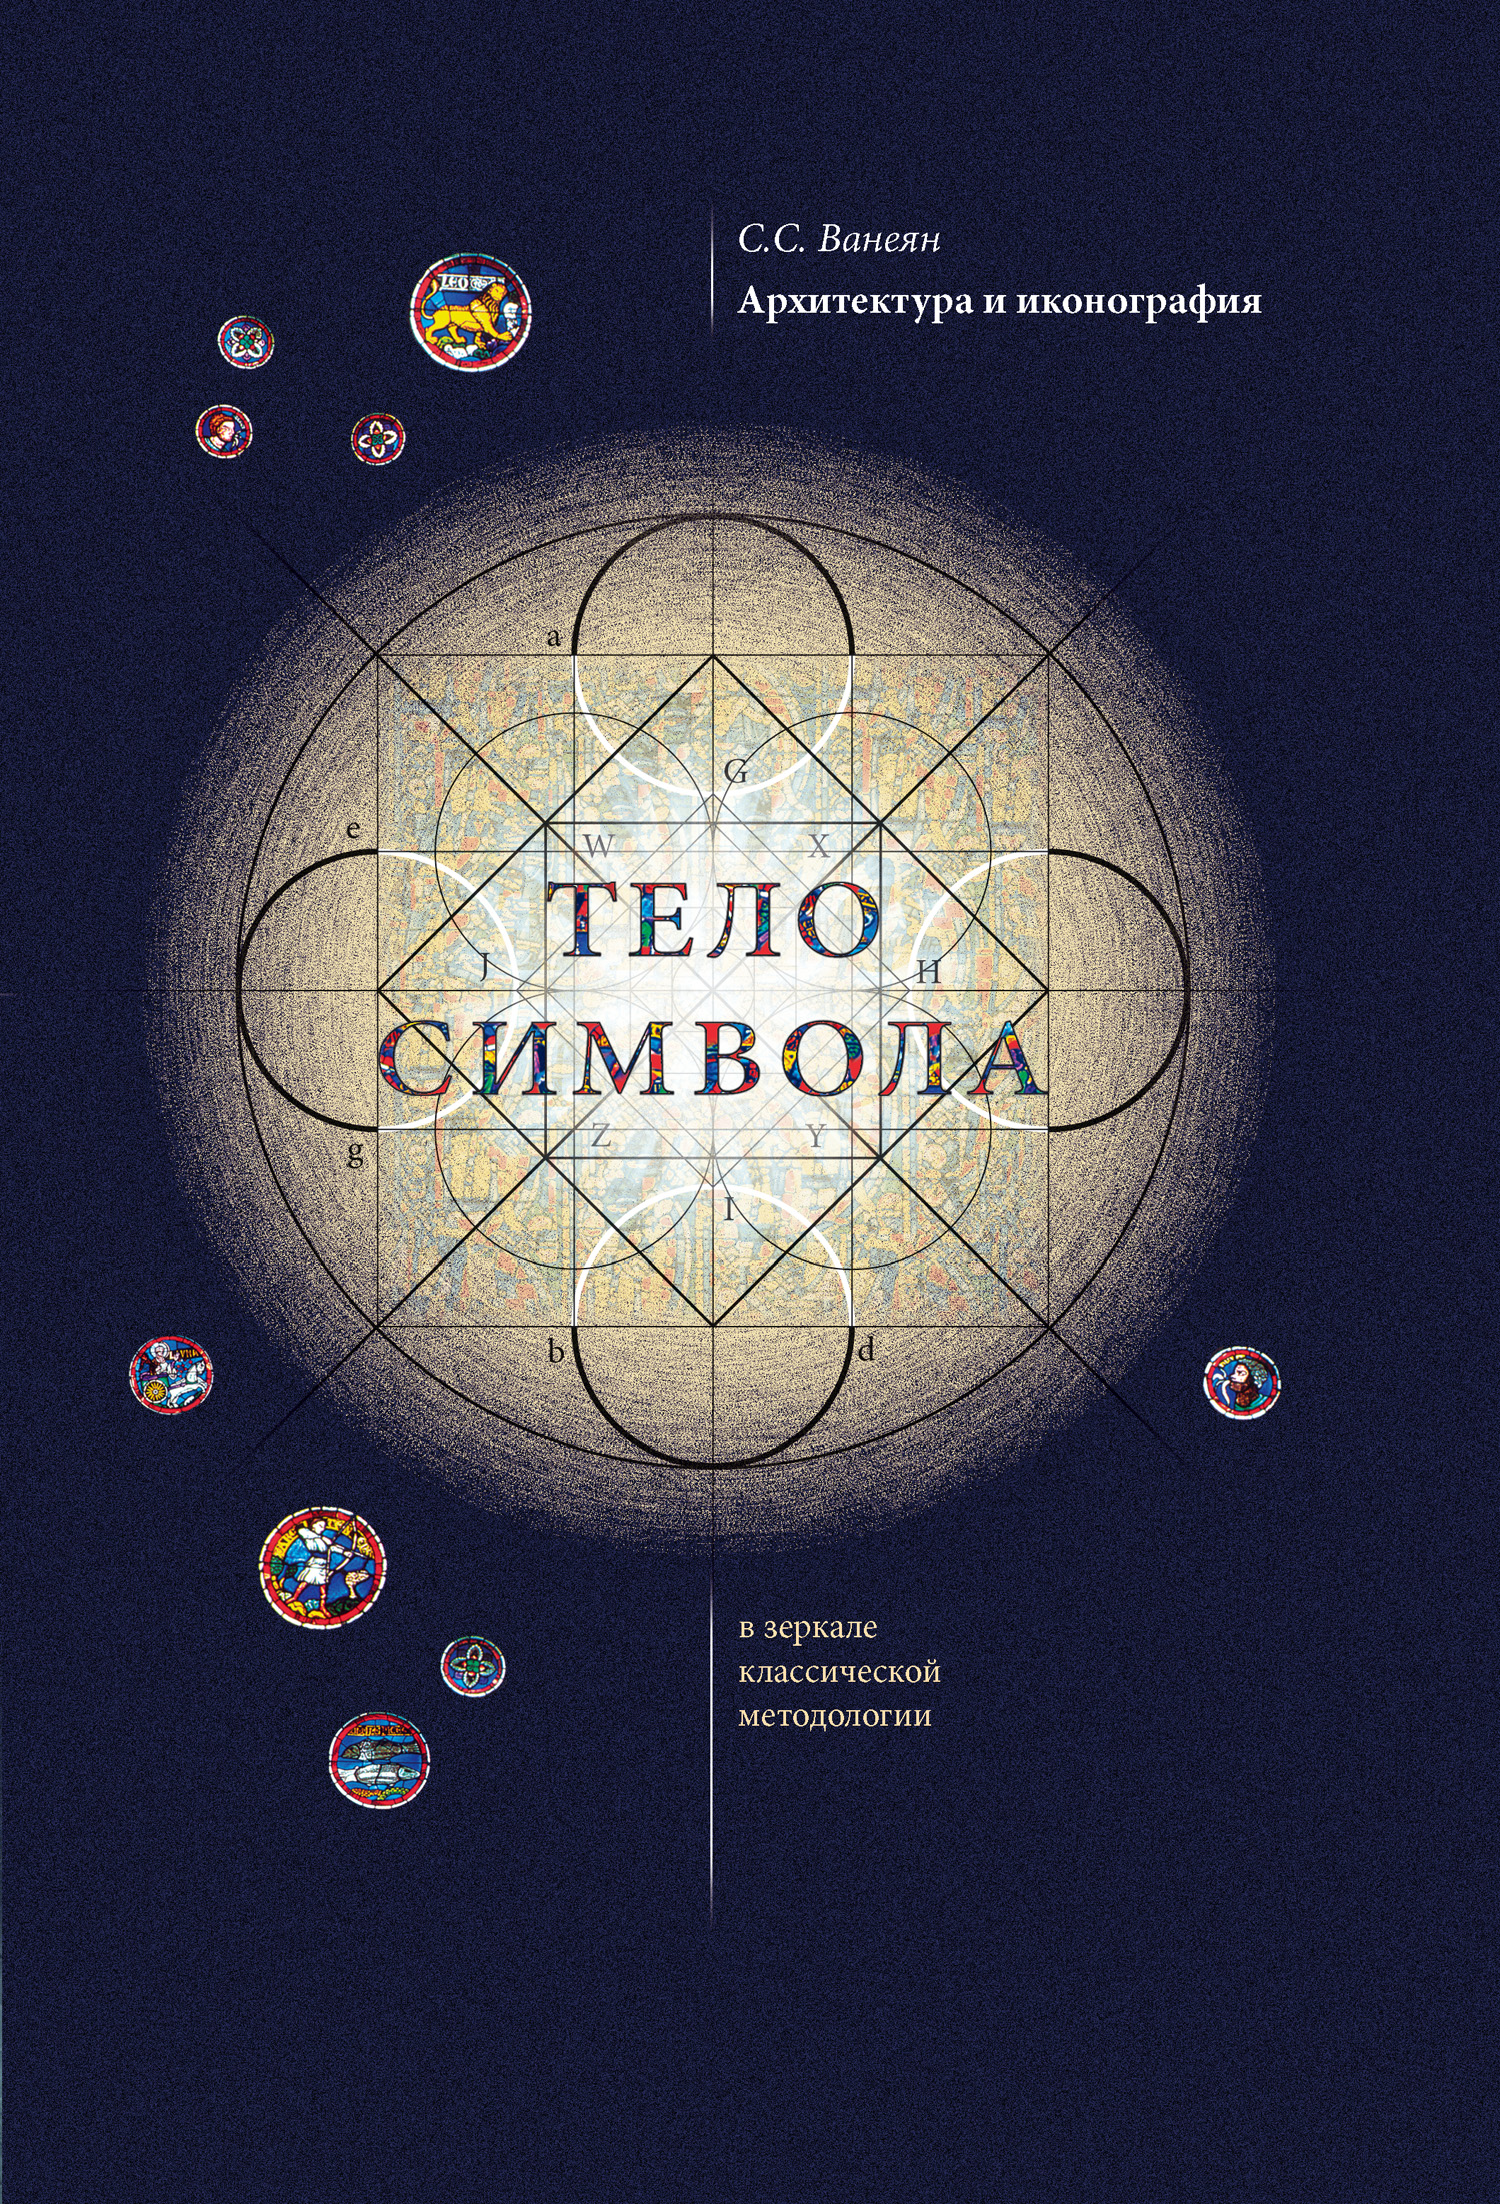 Архитектура и иконография. «Тело символа» в зеркале классической методологии